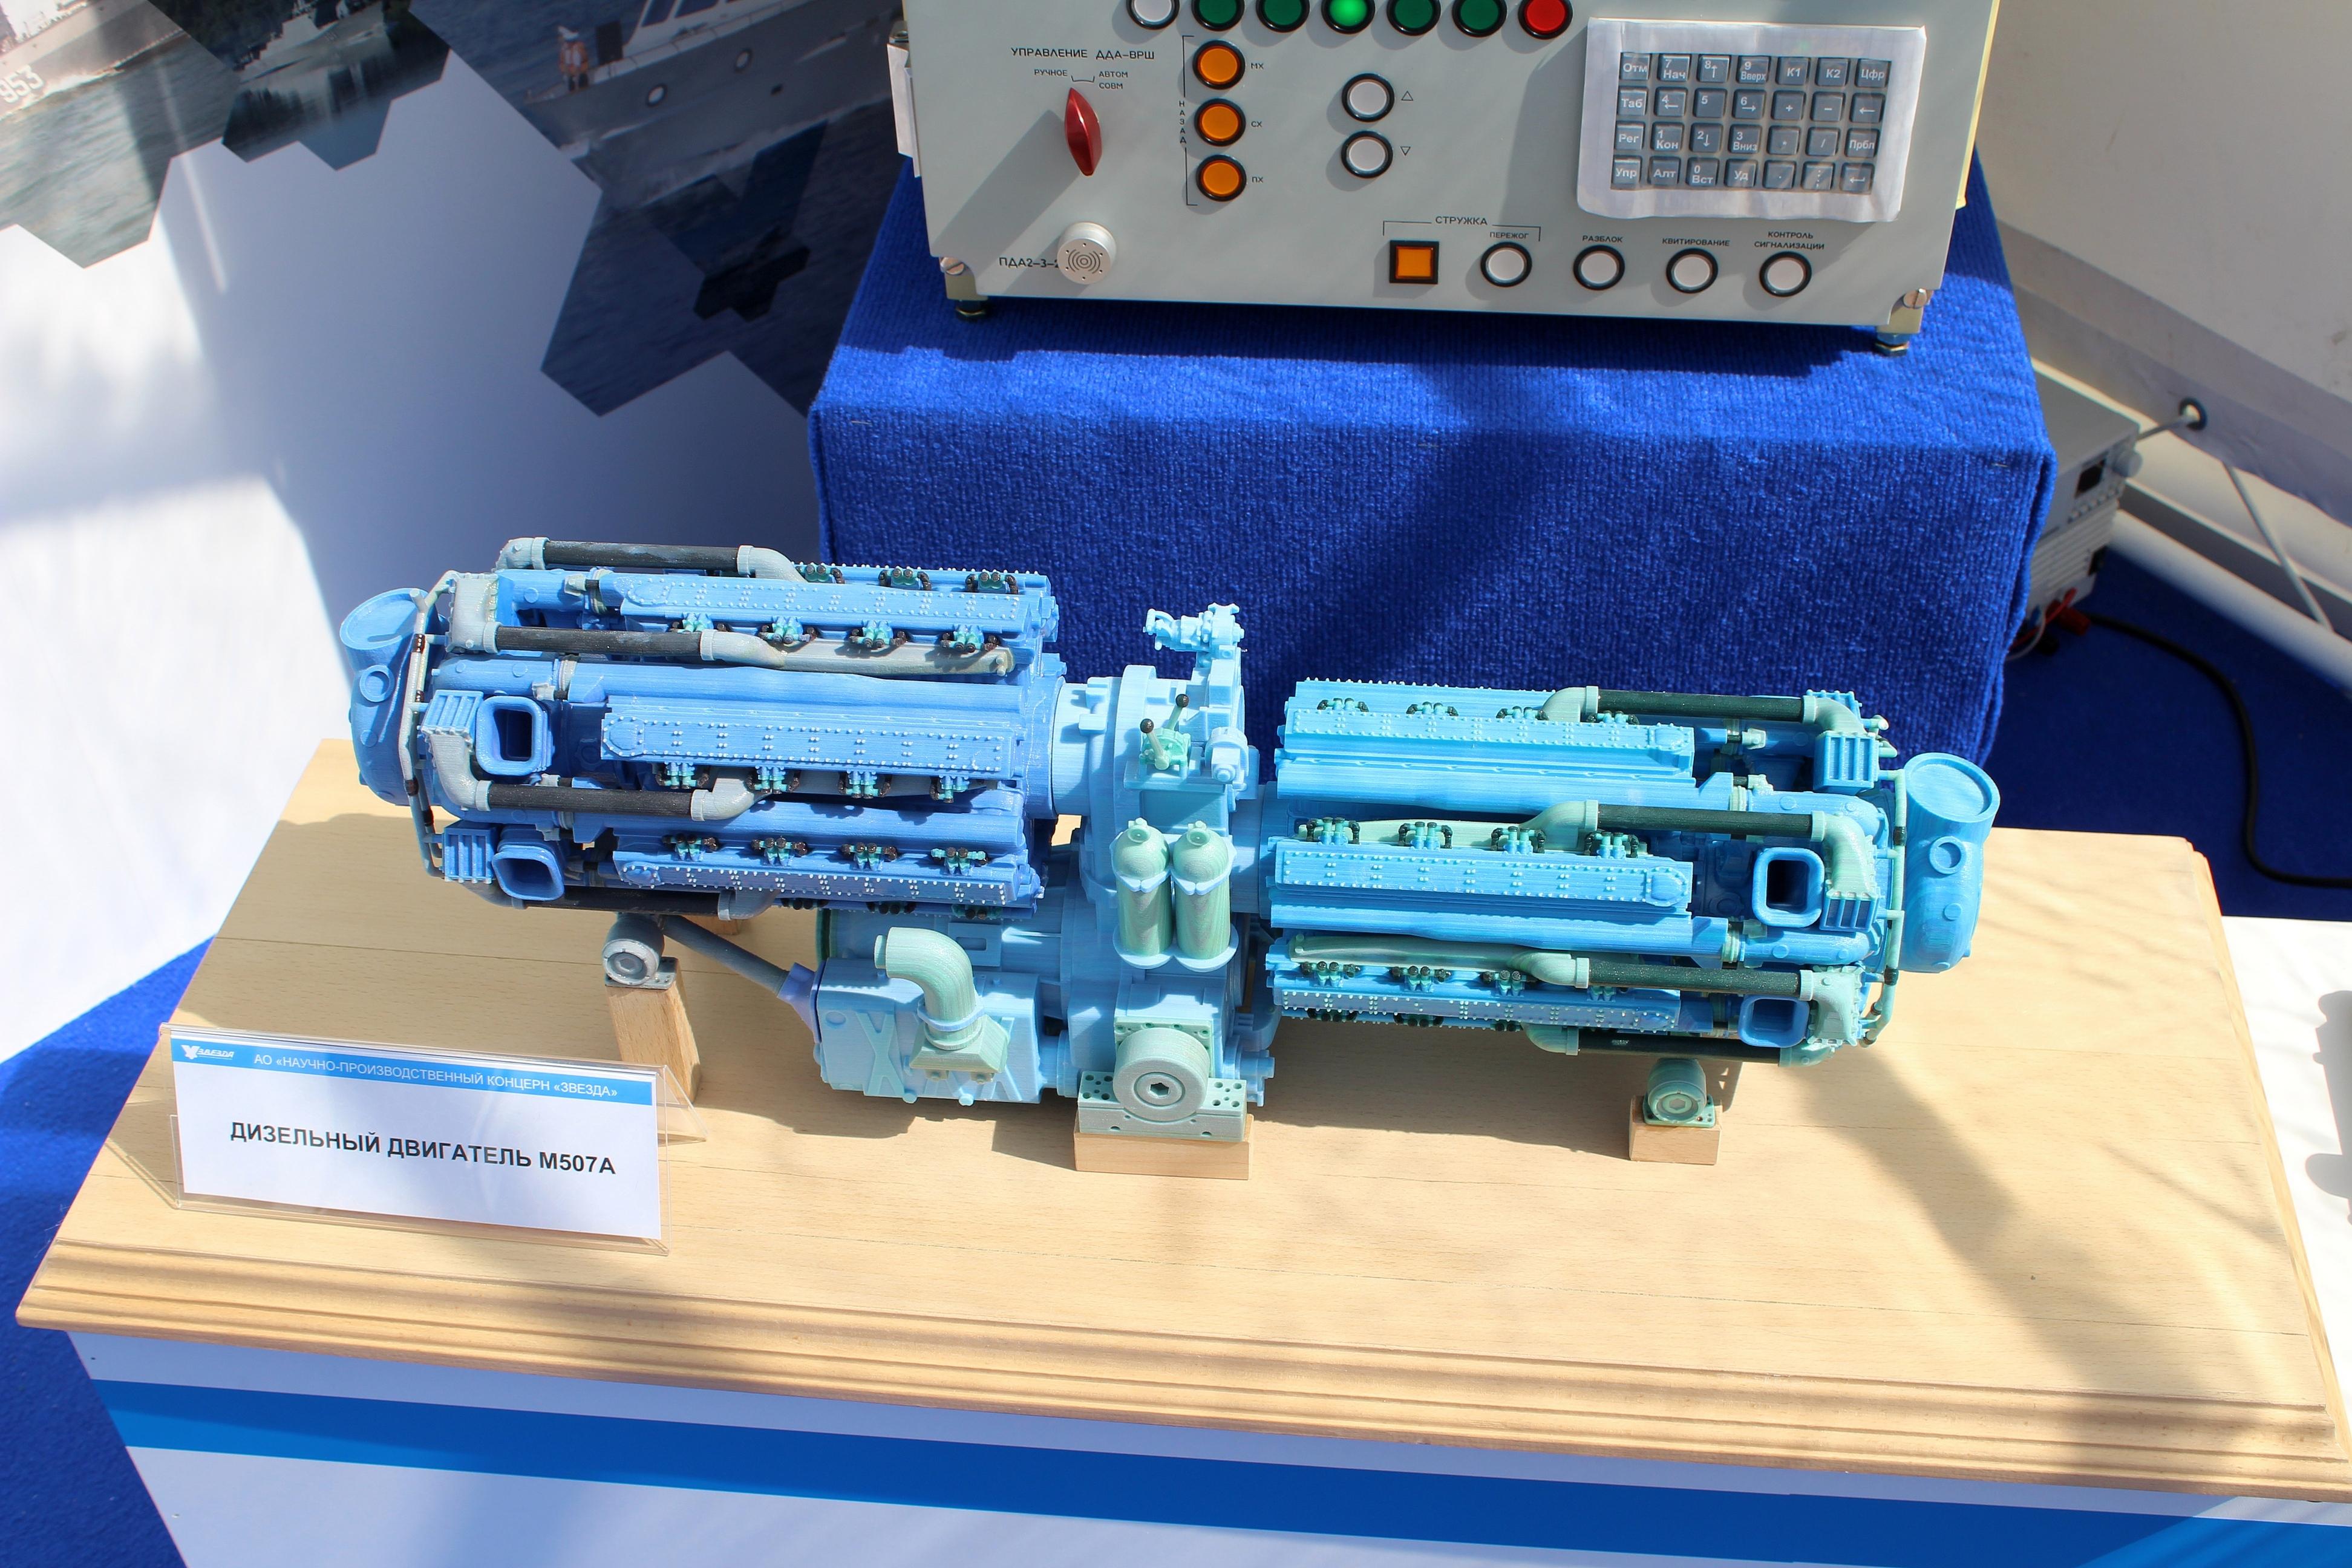 """Project 22800: """"Karakurt"""" class missile ship - Page 7 30-5141853-m507a-3d-pechat"""